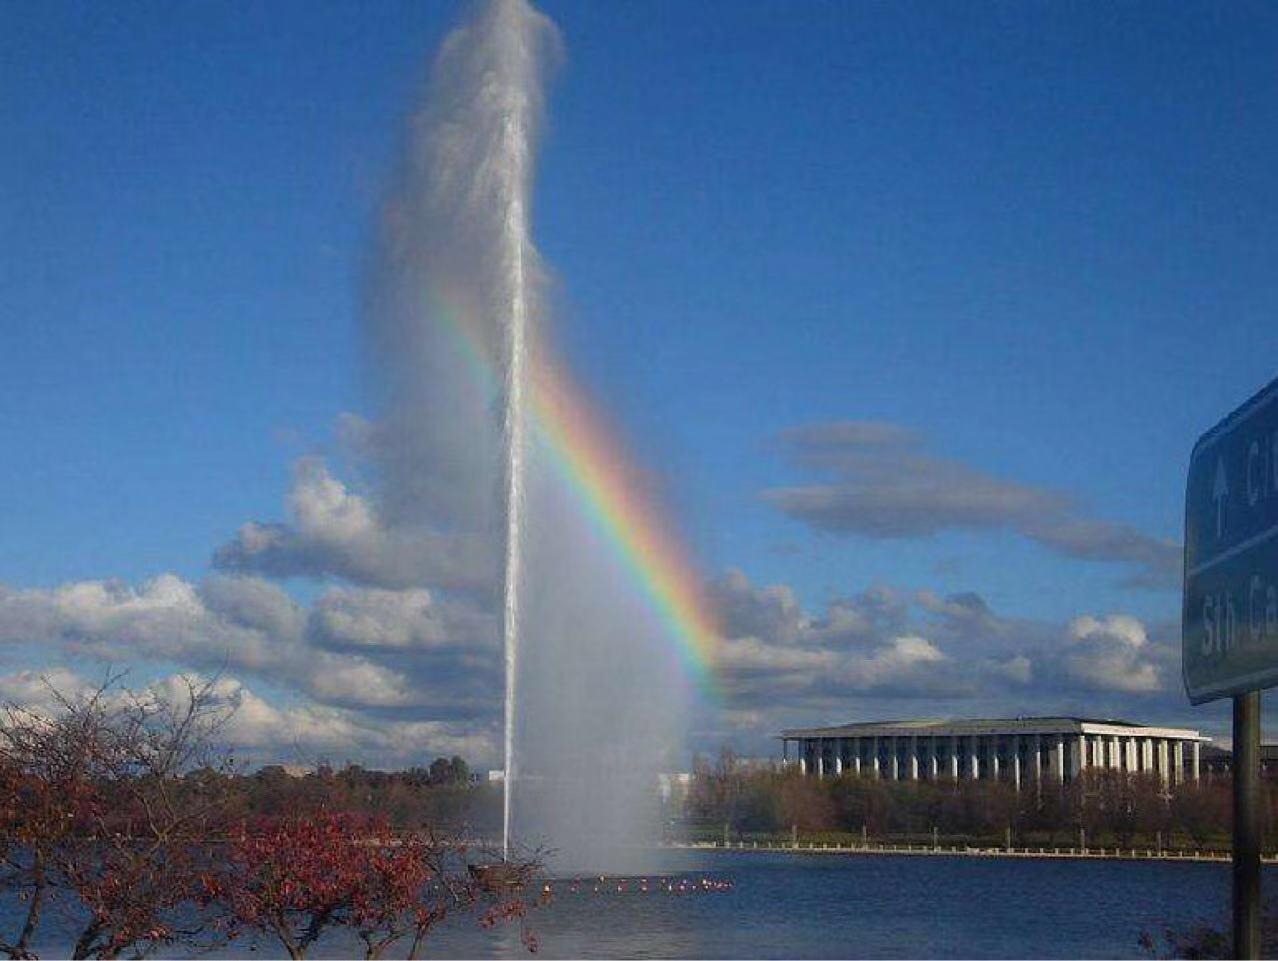 供应吉林市旅游区呐喊喷泉游乐设备.音乐喷泉设备花样喷泉设备